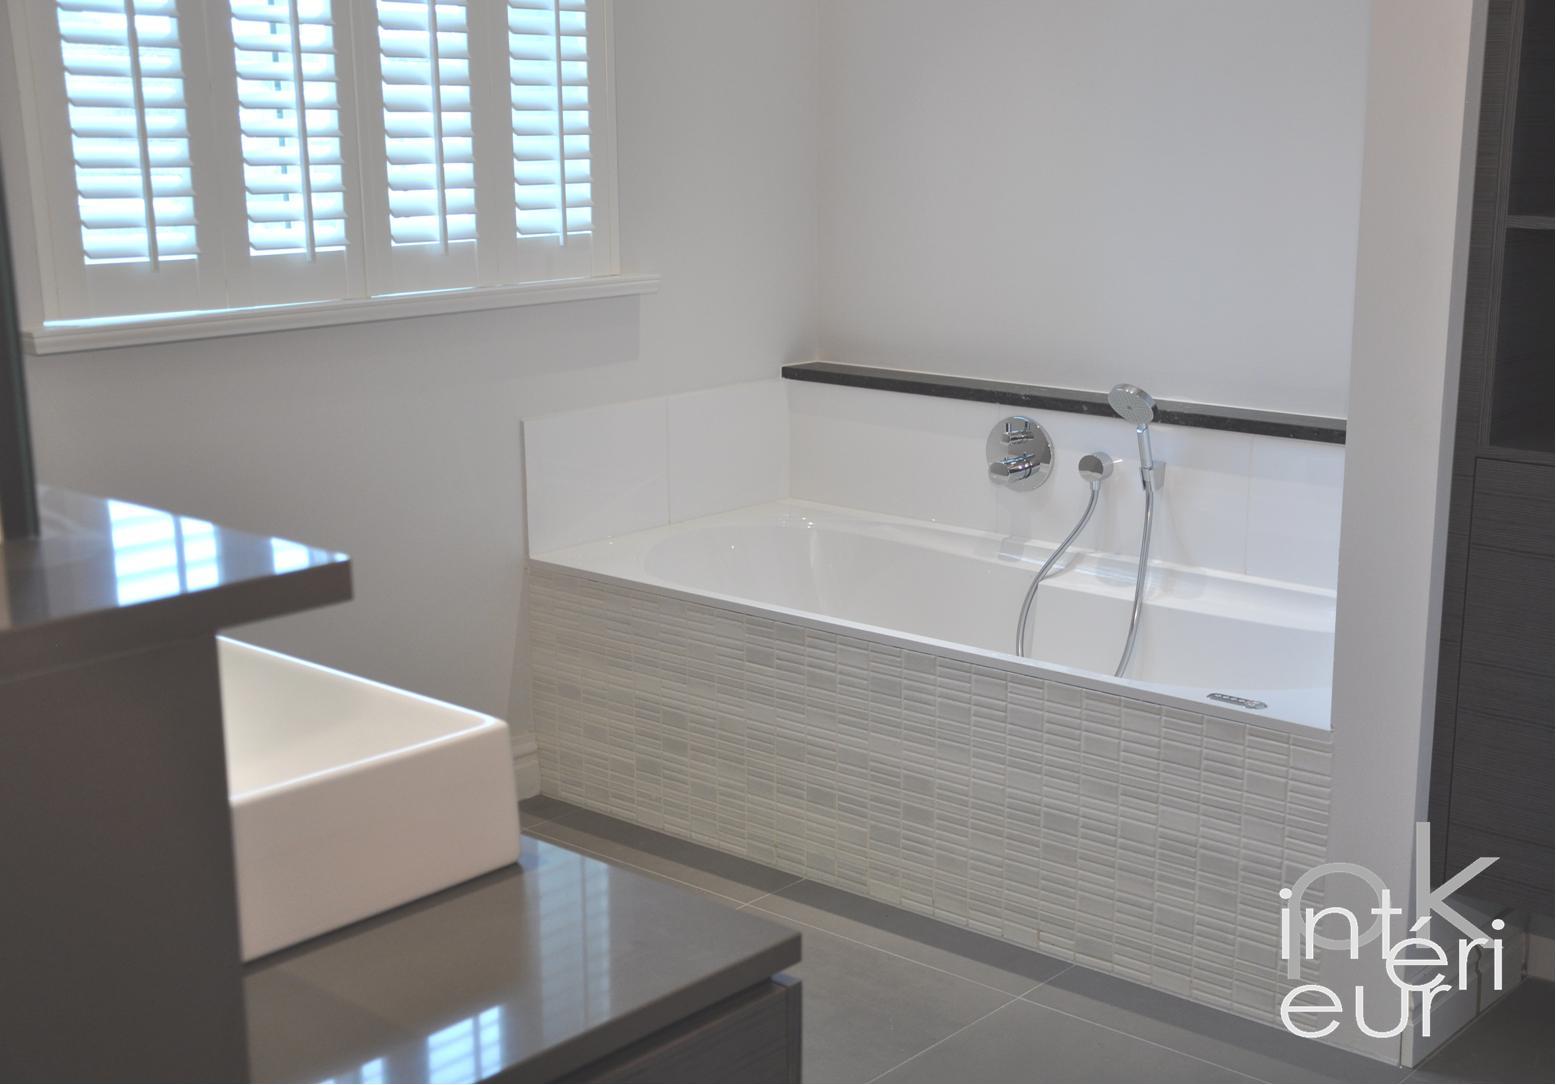 Inrichten Slaapkamer Spelletjes : luxe slaapkamer interieur ...